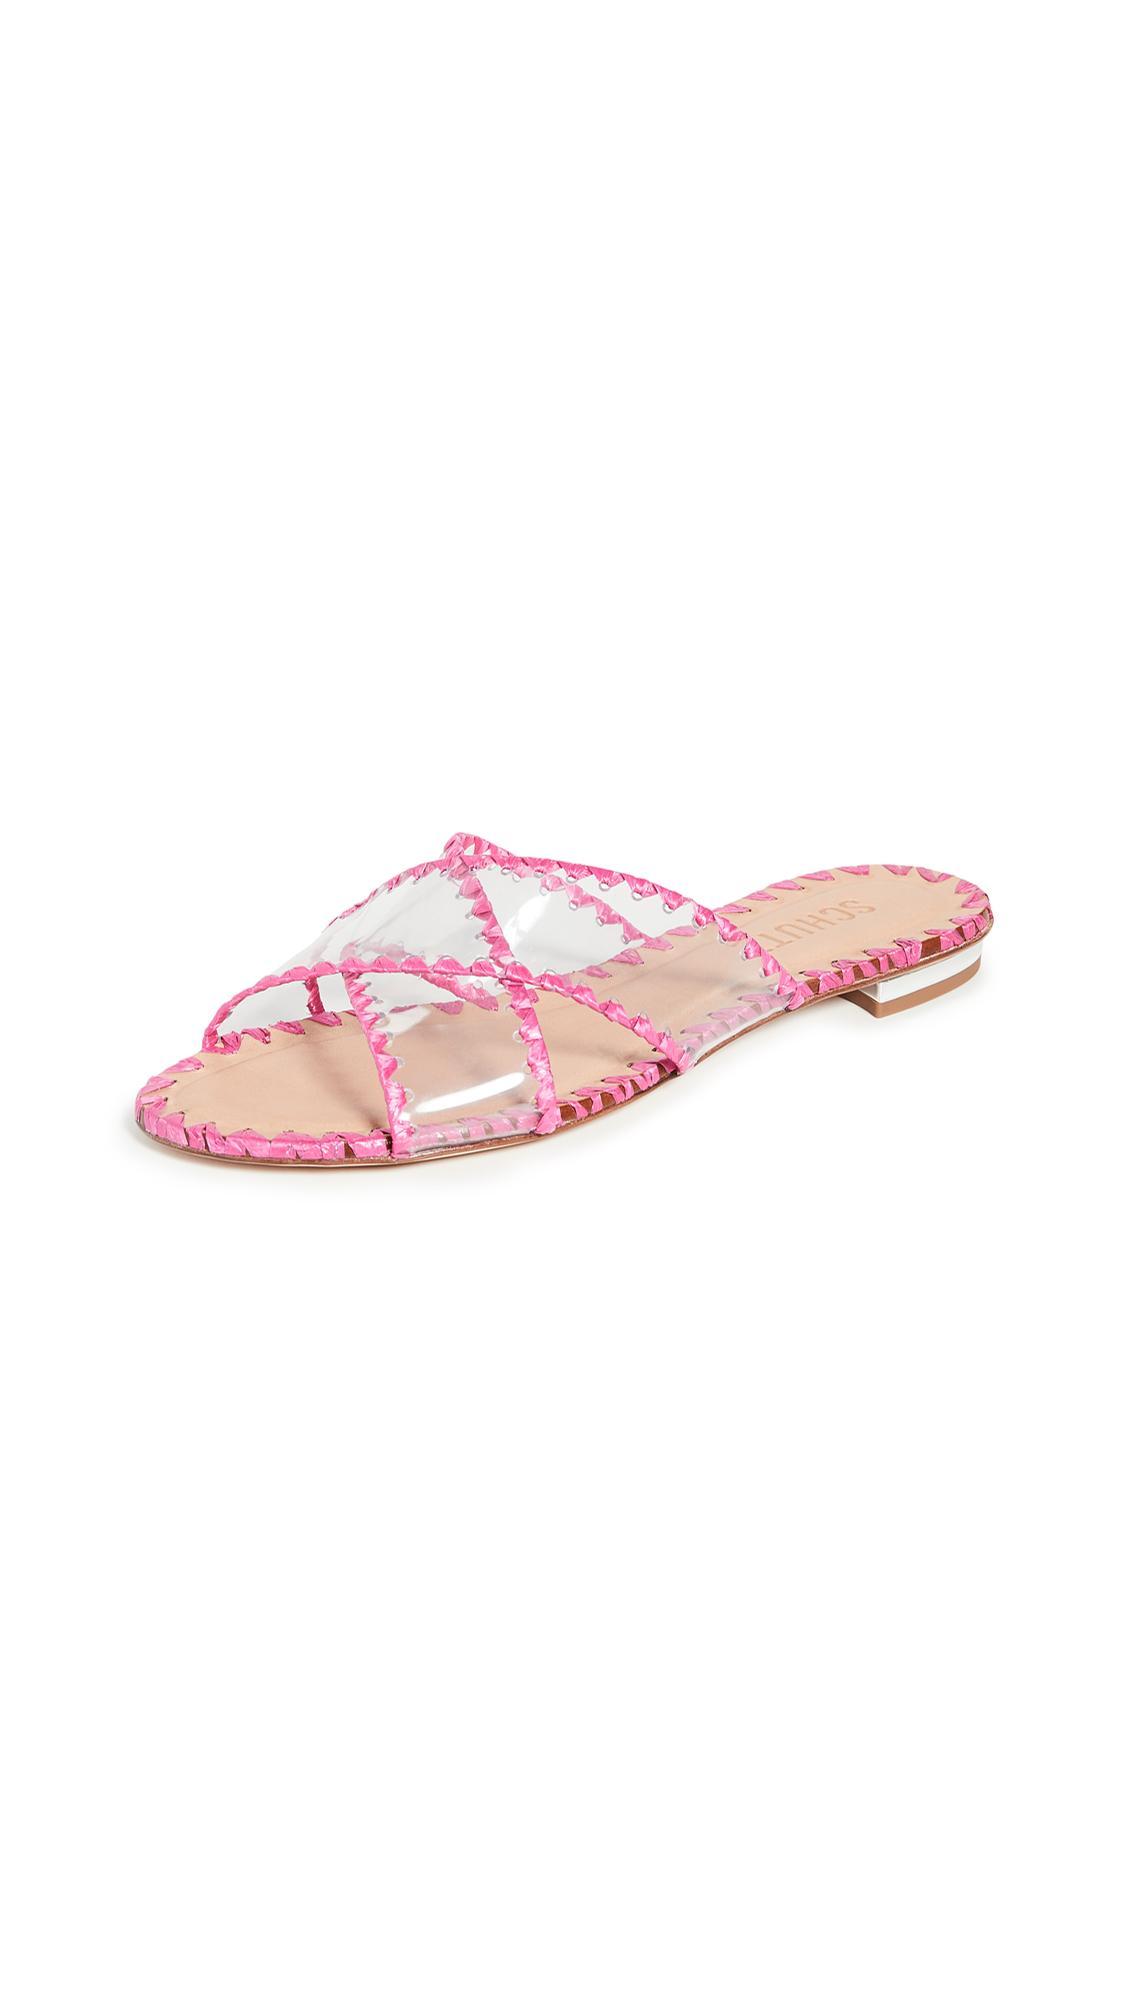 Schutz Aya Sandals - 30% Off Sale